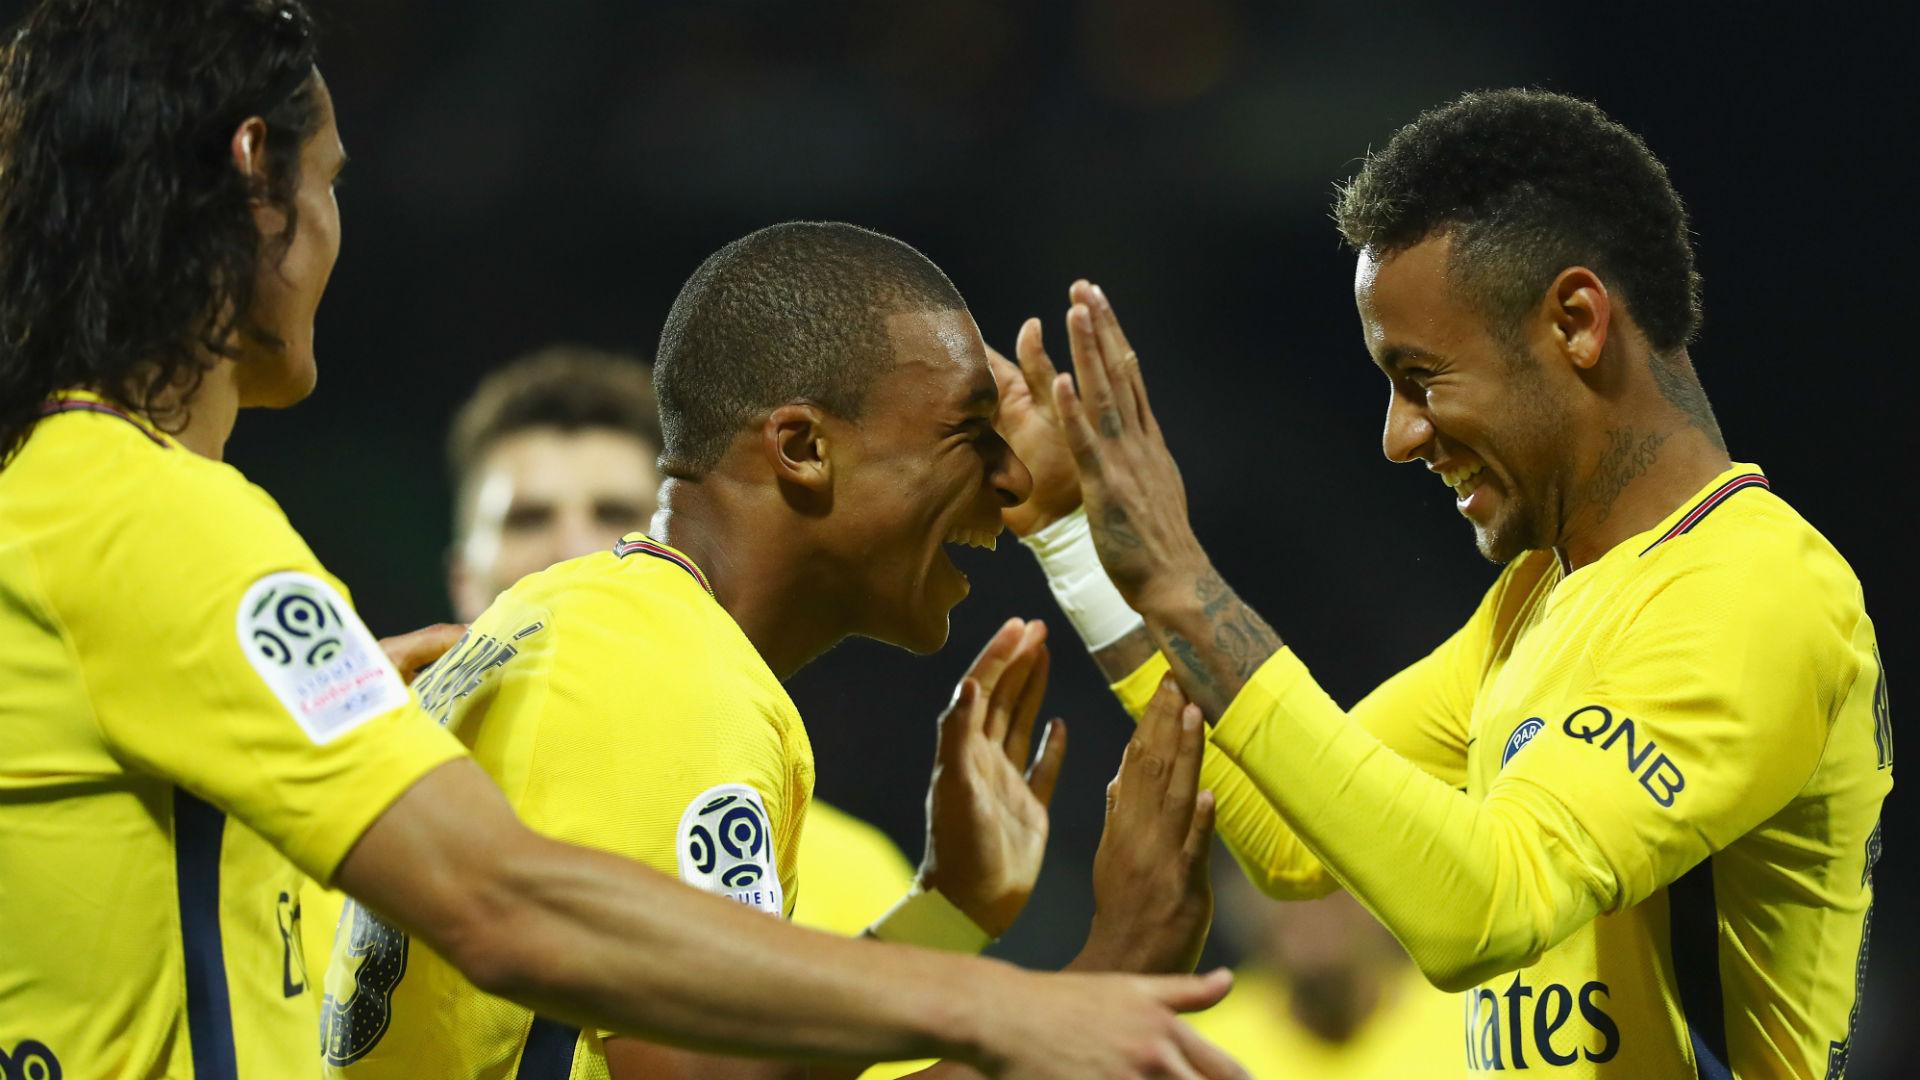 Com Neymar Mbapp e Cavani PSG tem obrigao de vencer 1920x1080